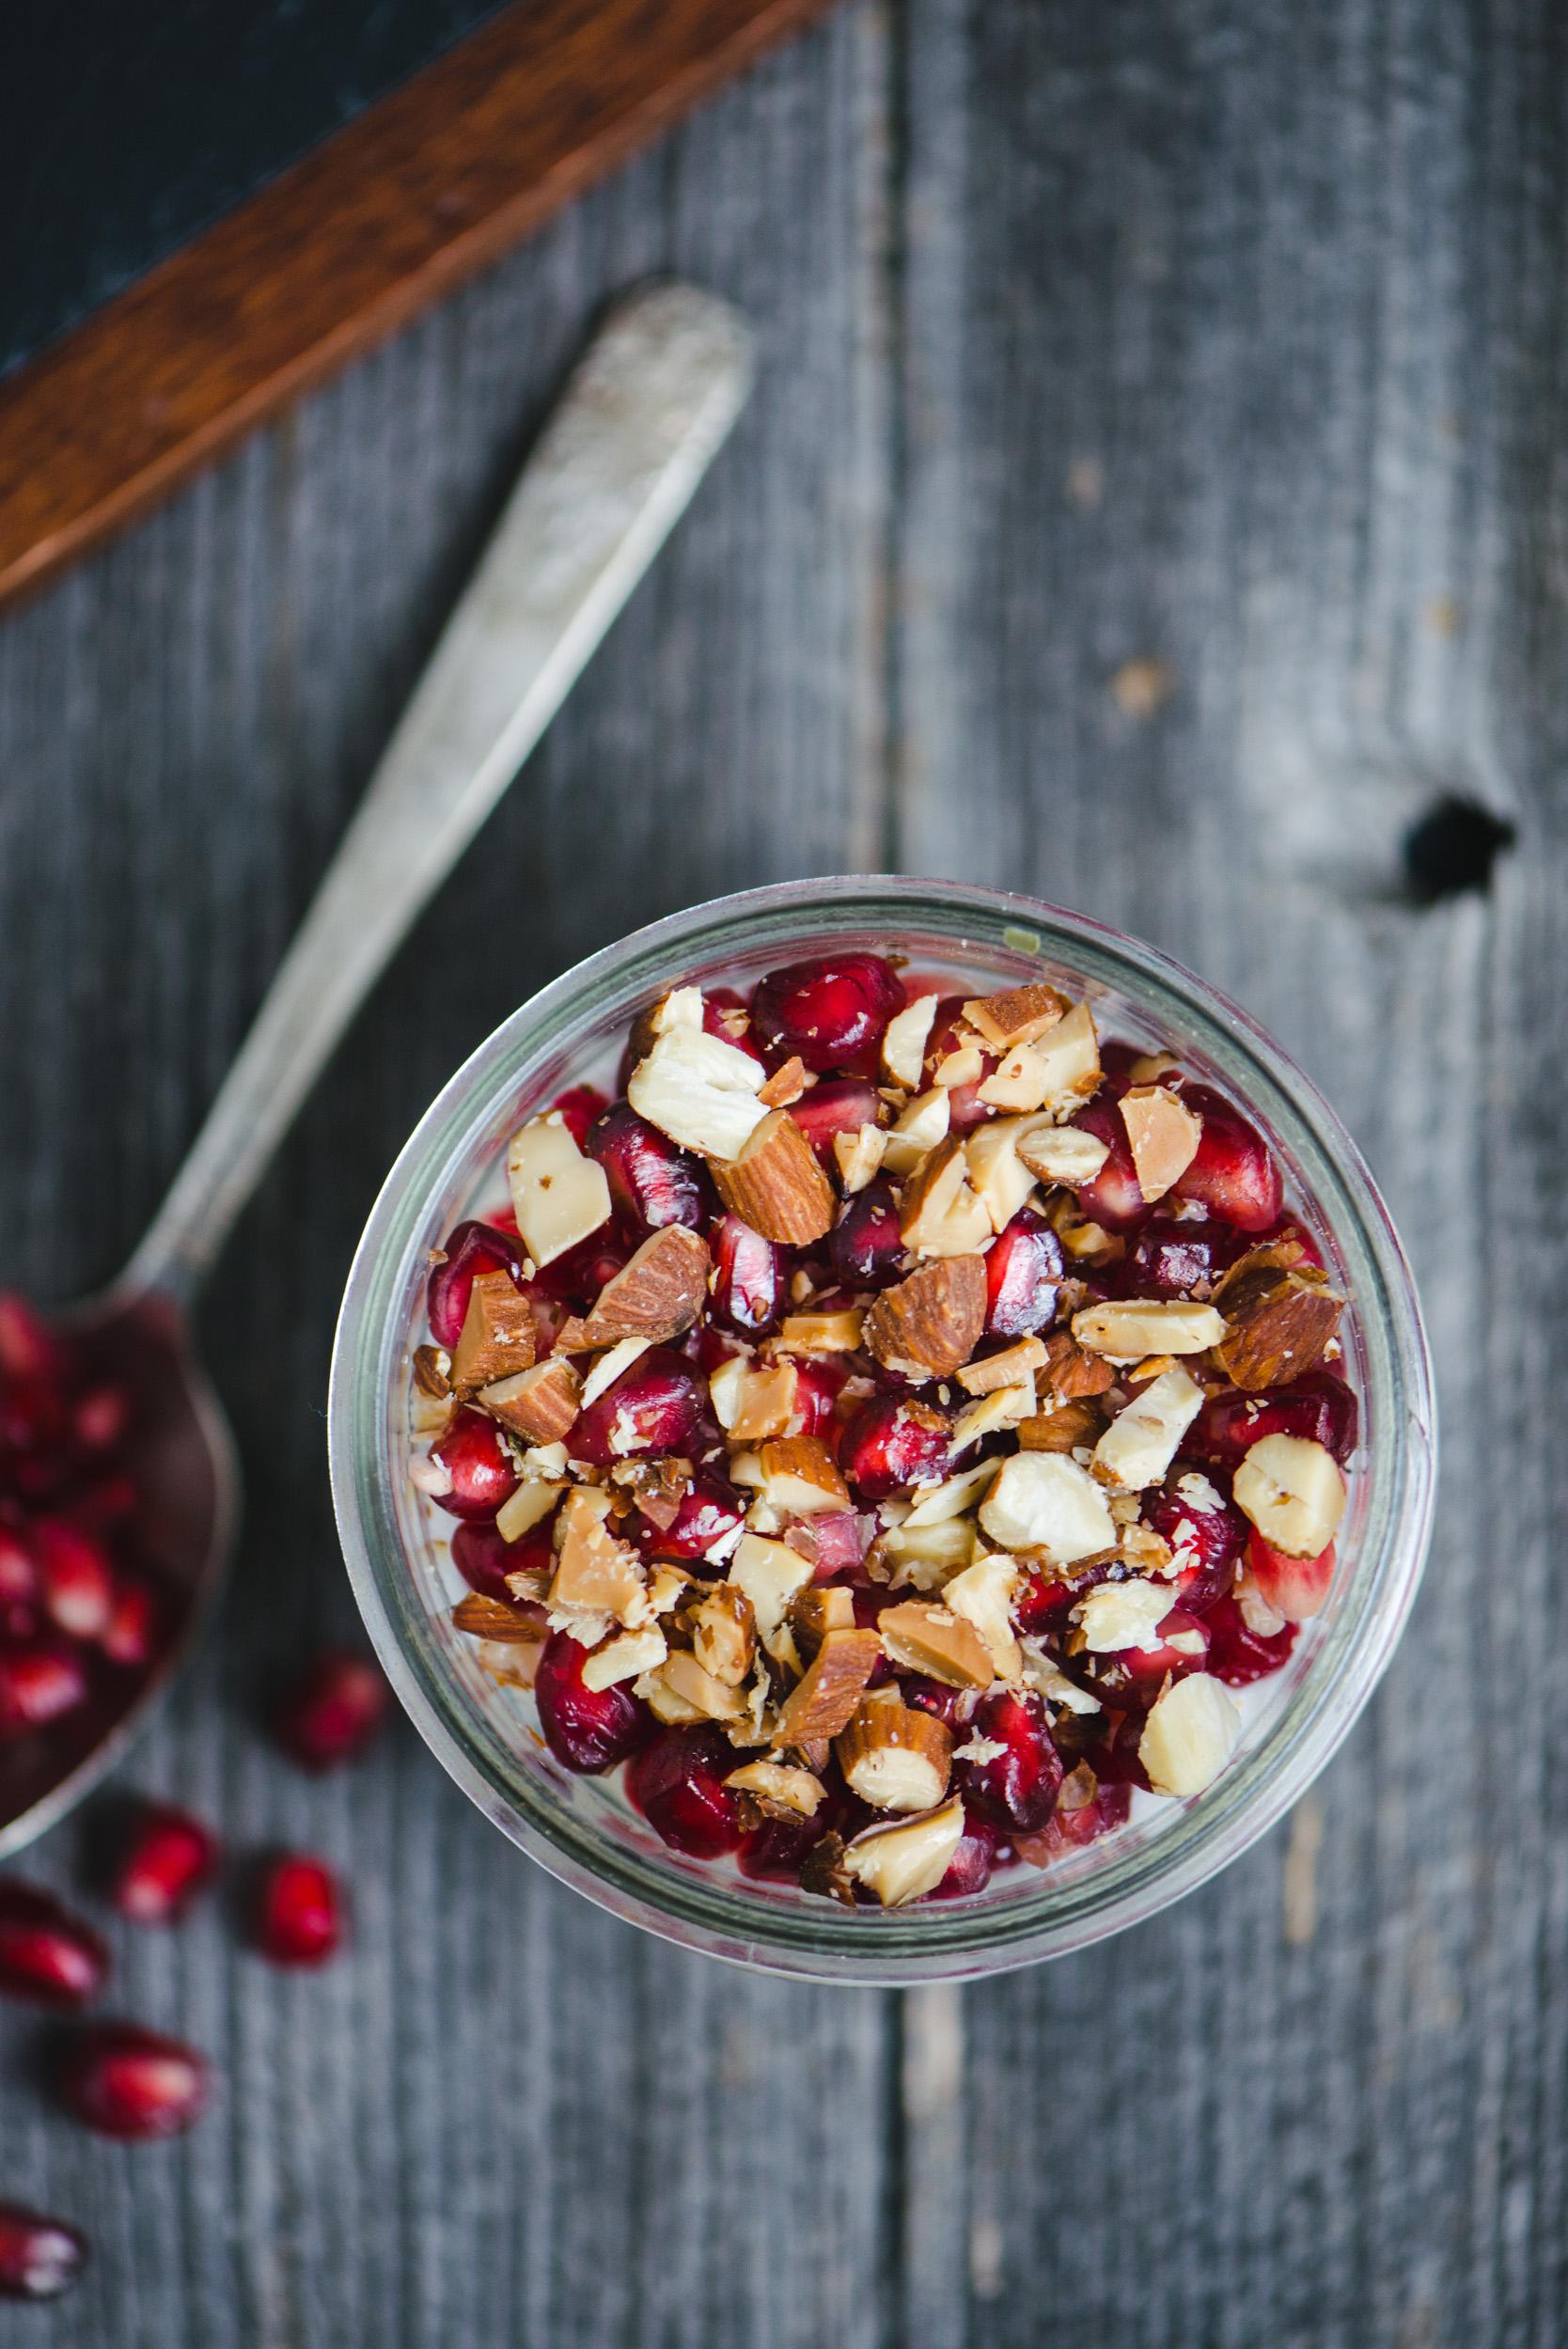 buy ambien online no script overnight oatmeal in a jar